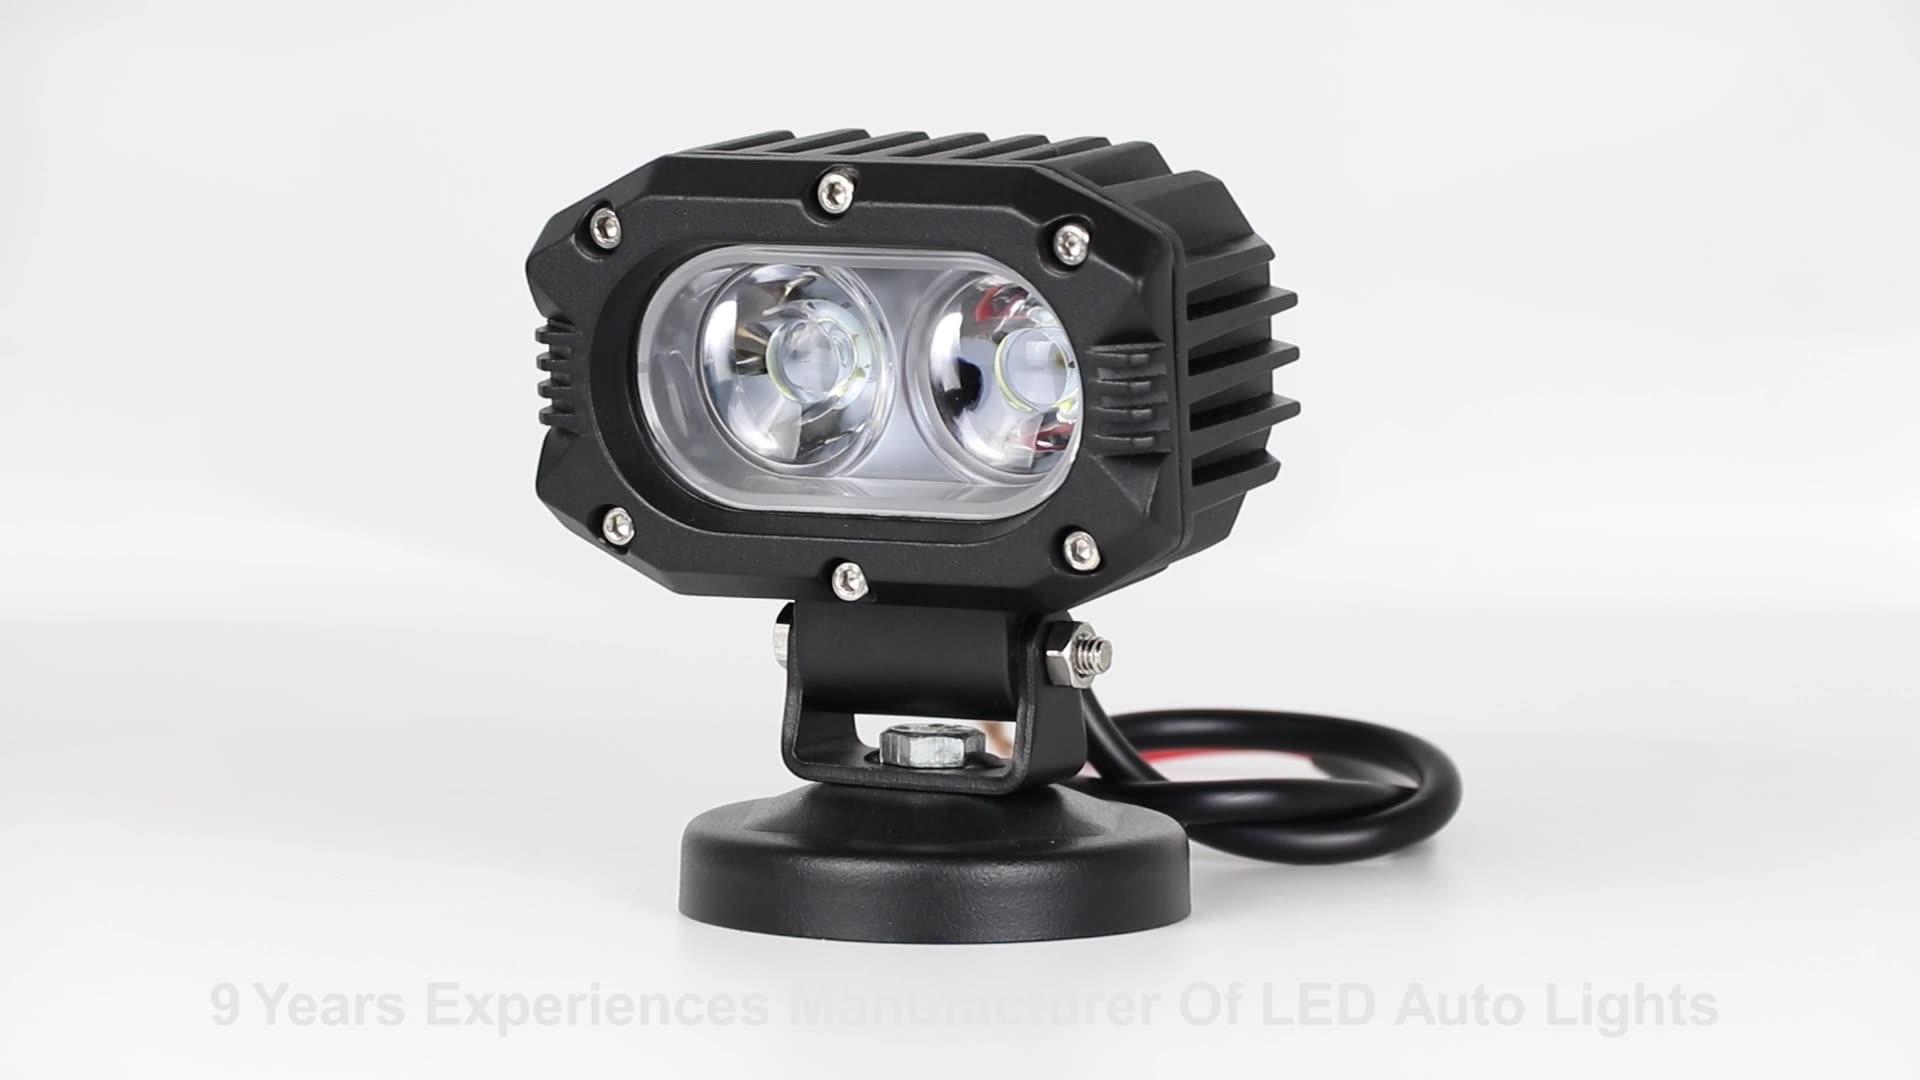 2021 أحدث مستدير 8.5 بوصة 120 واط على الطرق الوعرة القيادة ليزر led ضوء العمل لشاحنة سيارة 4x4 قارب